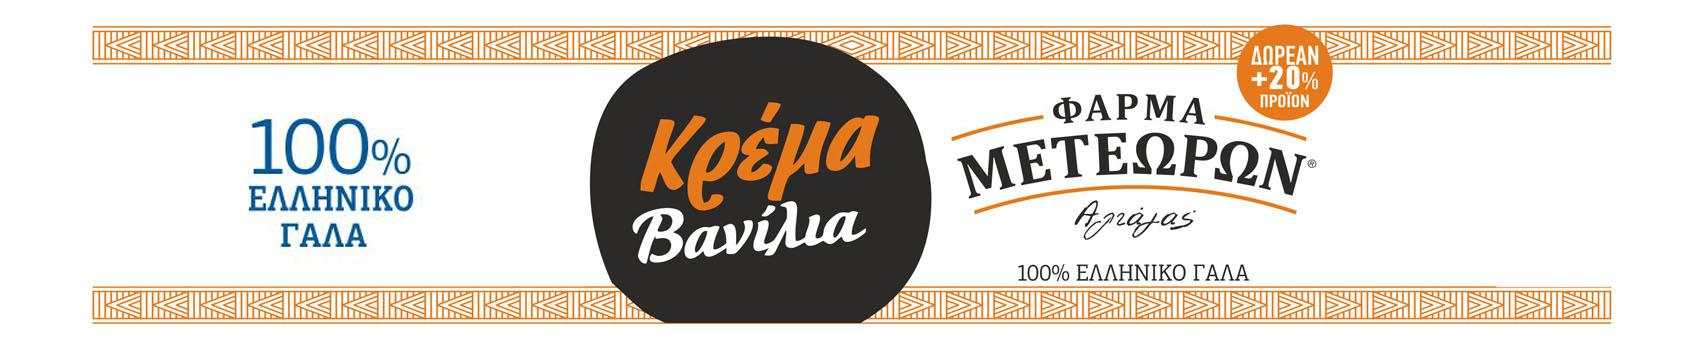 banner-krema-vanilia